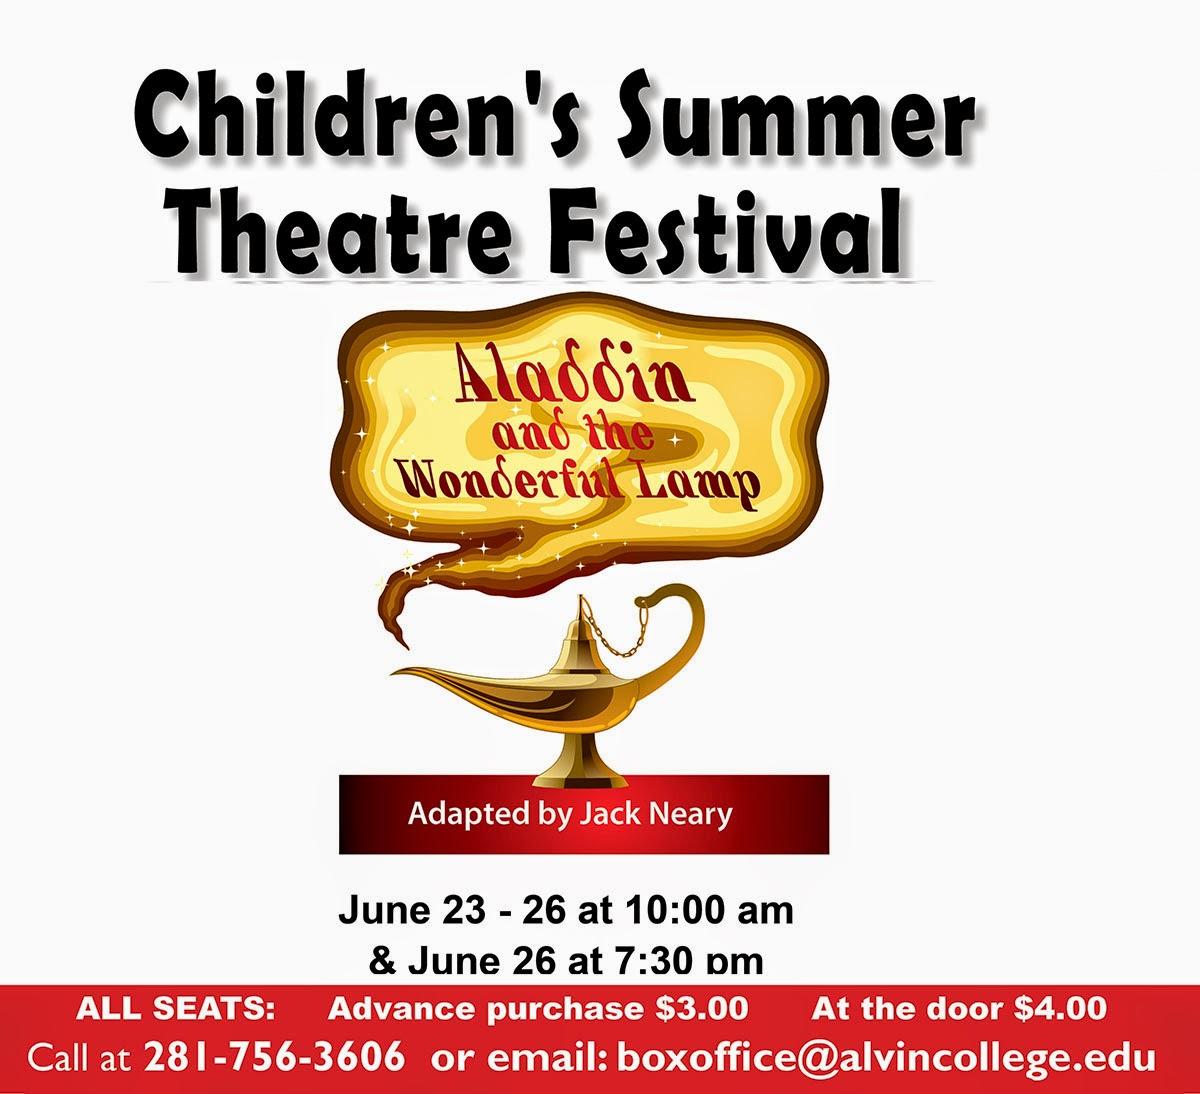 www.alvincollege.edu/drama/TheatreSeason.aspx